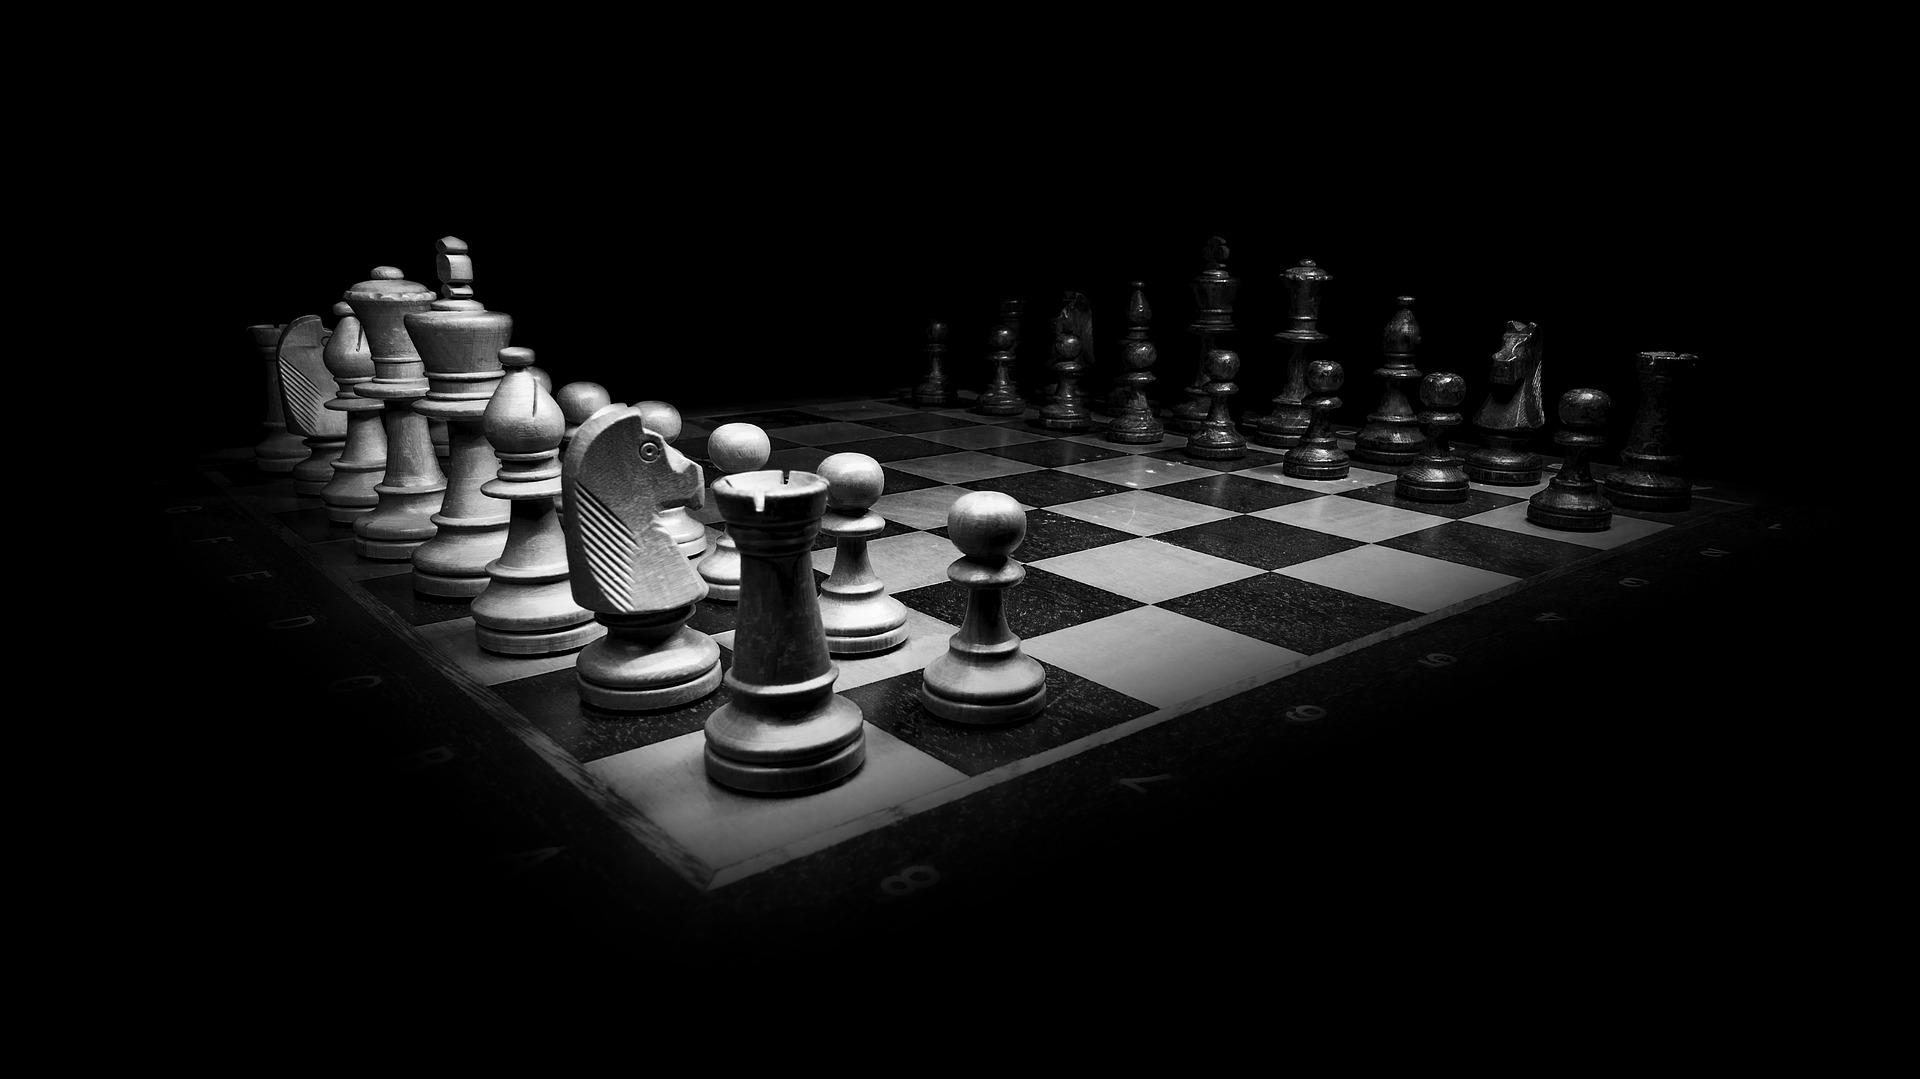 チェス画像その2